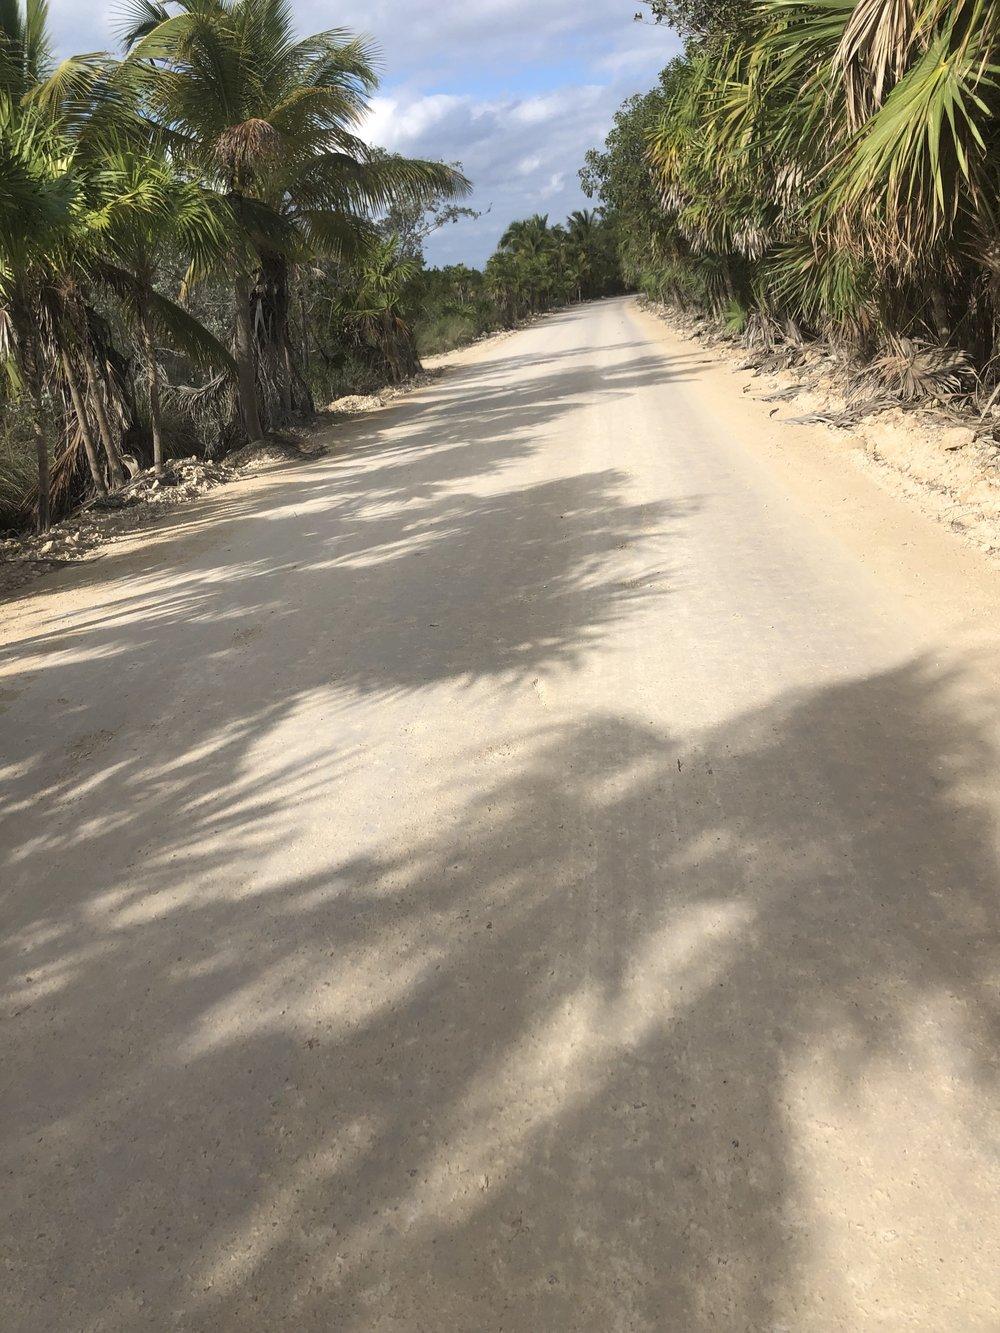 My morning bike ride to Sian Ka'an